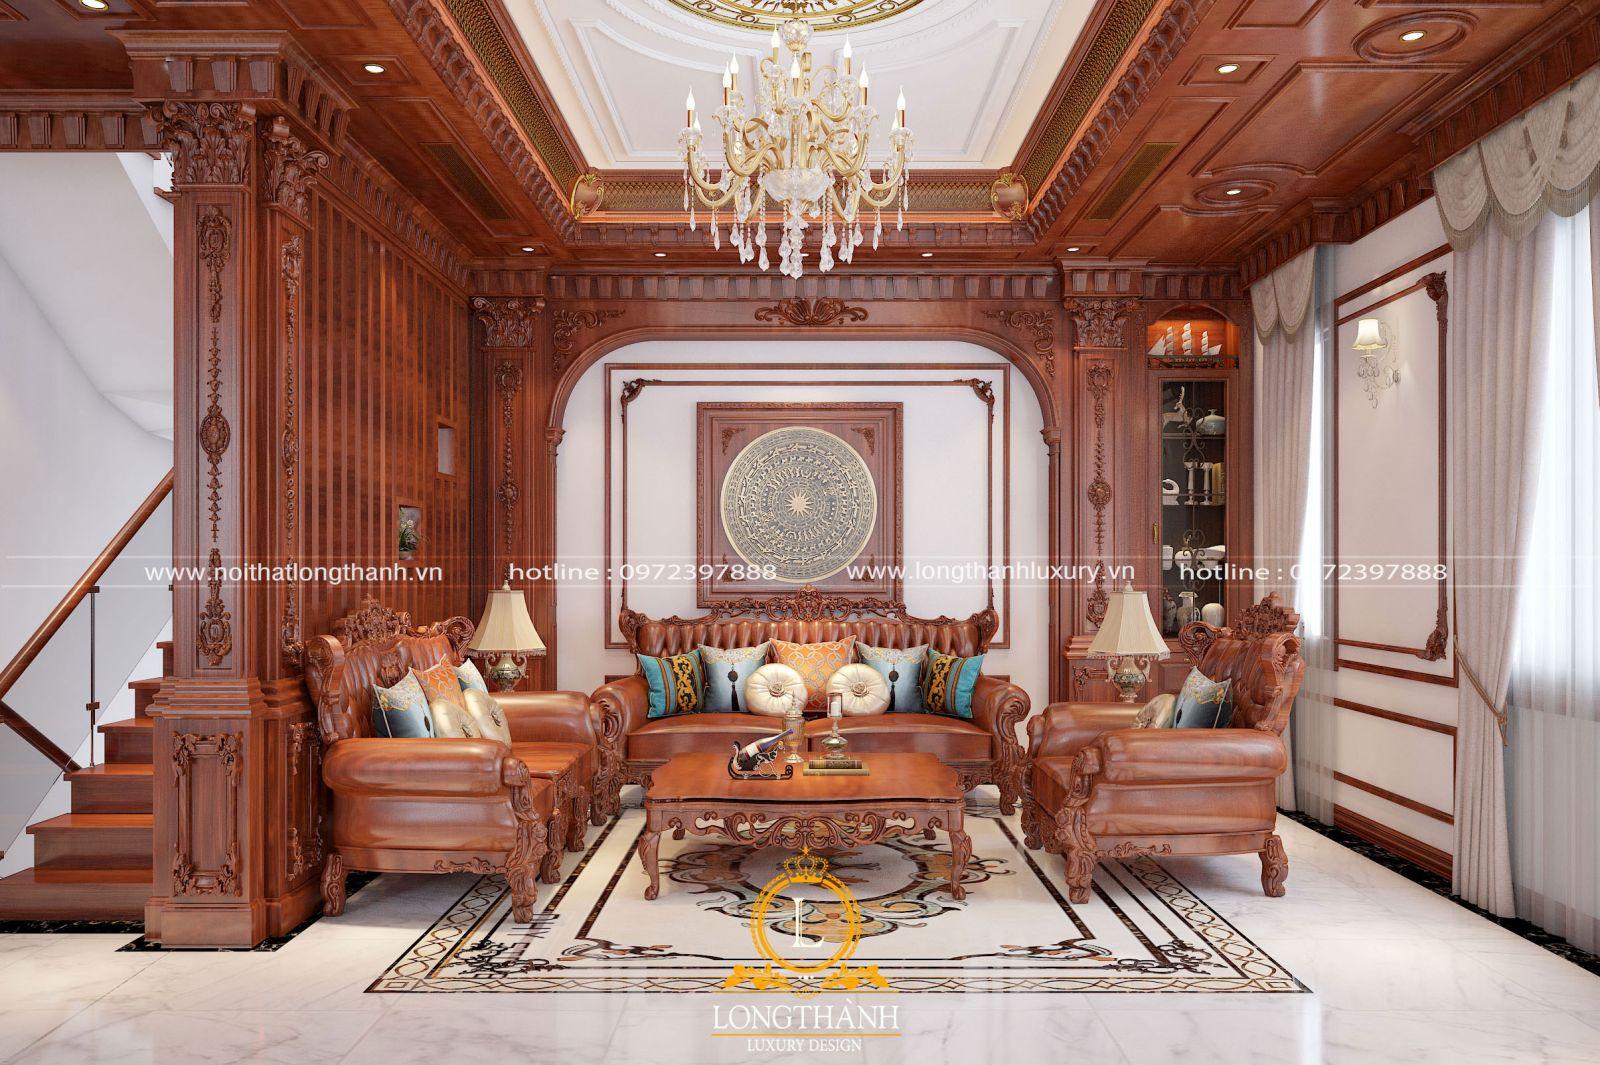 Bộ sofa văng phòng khách được làm từ chất liệu gỗ tự nhiên cao cấp